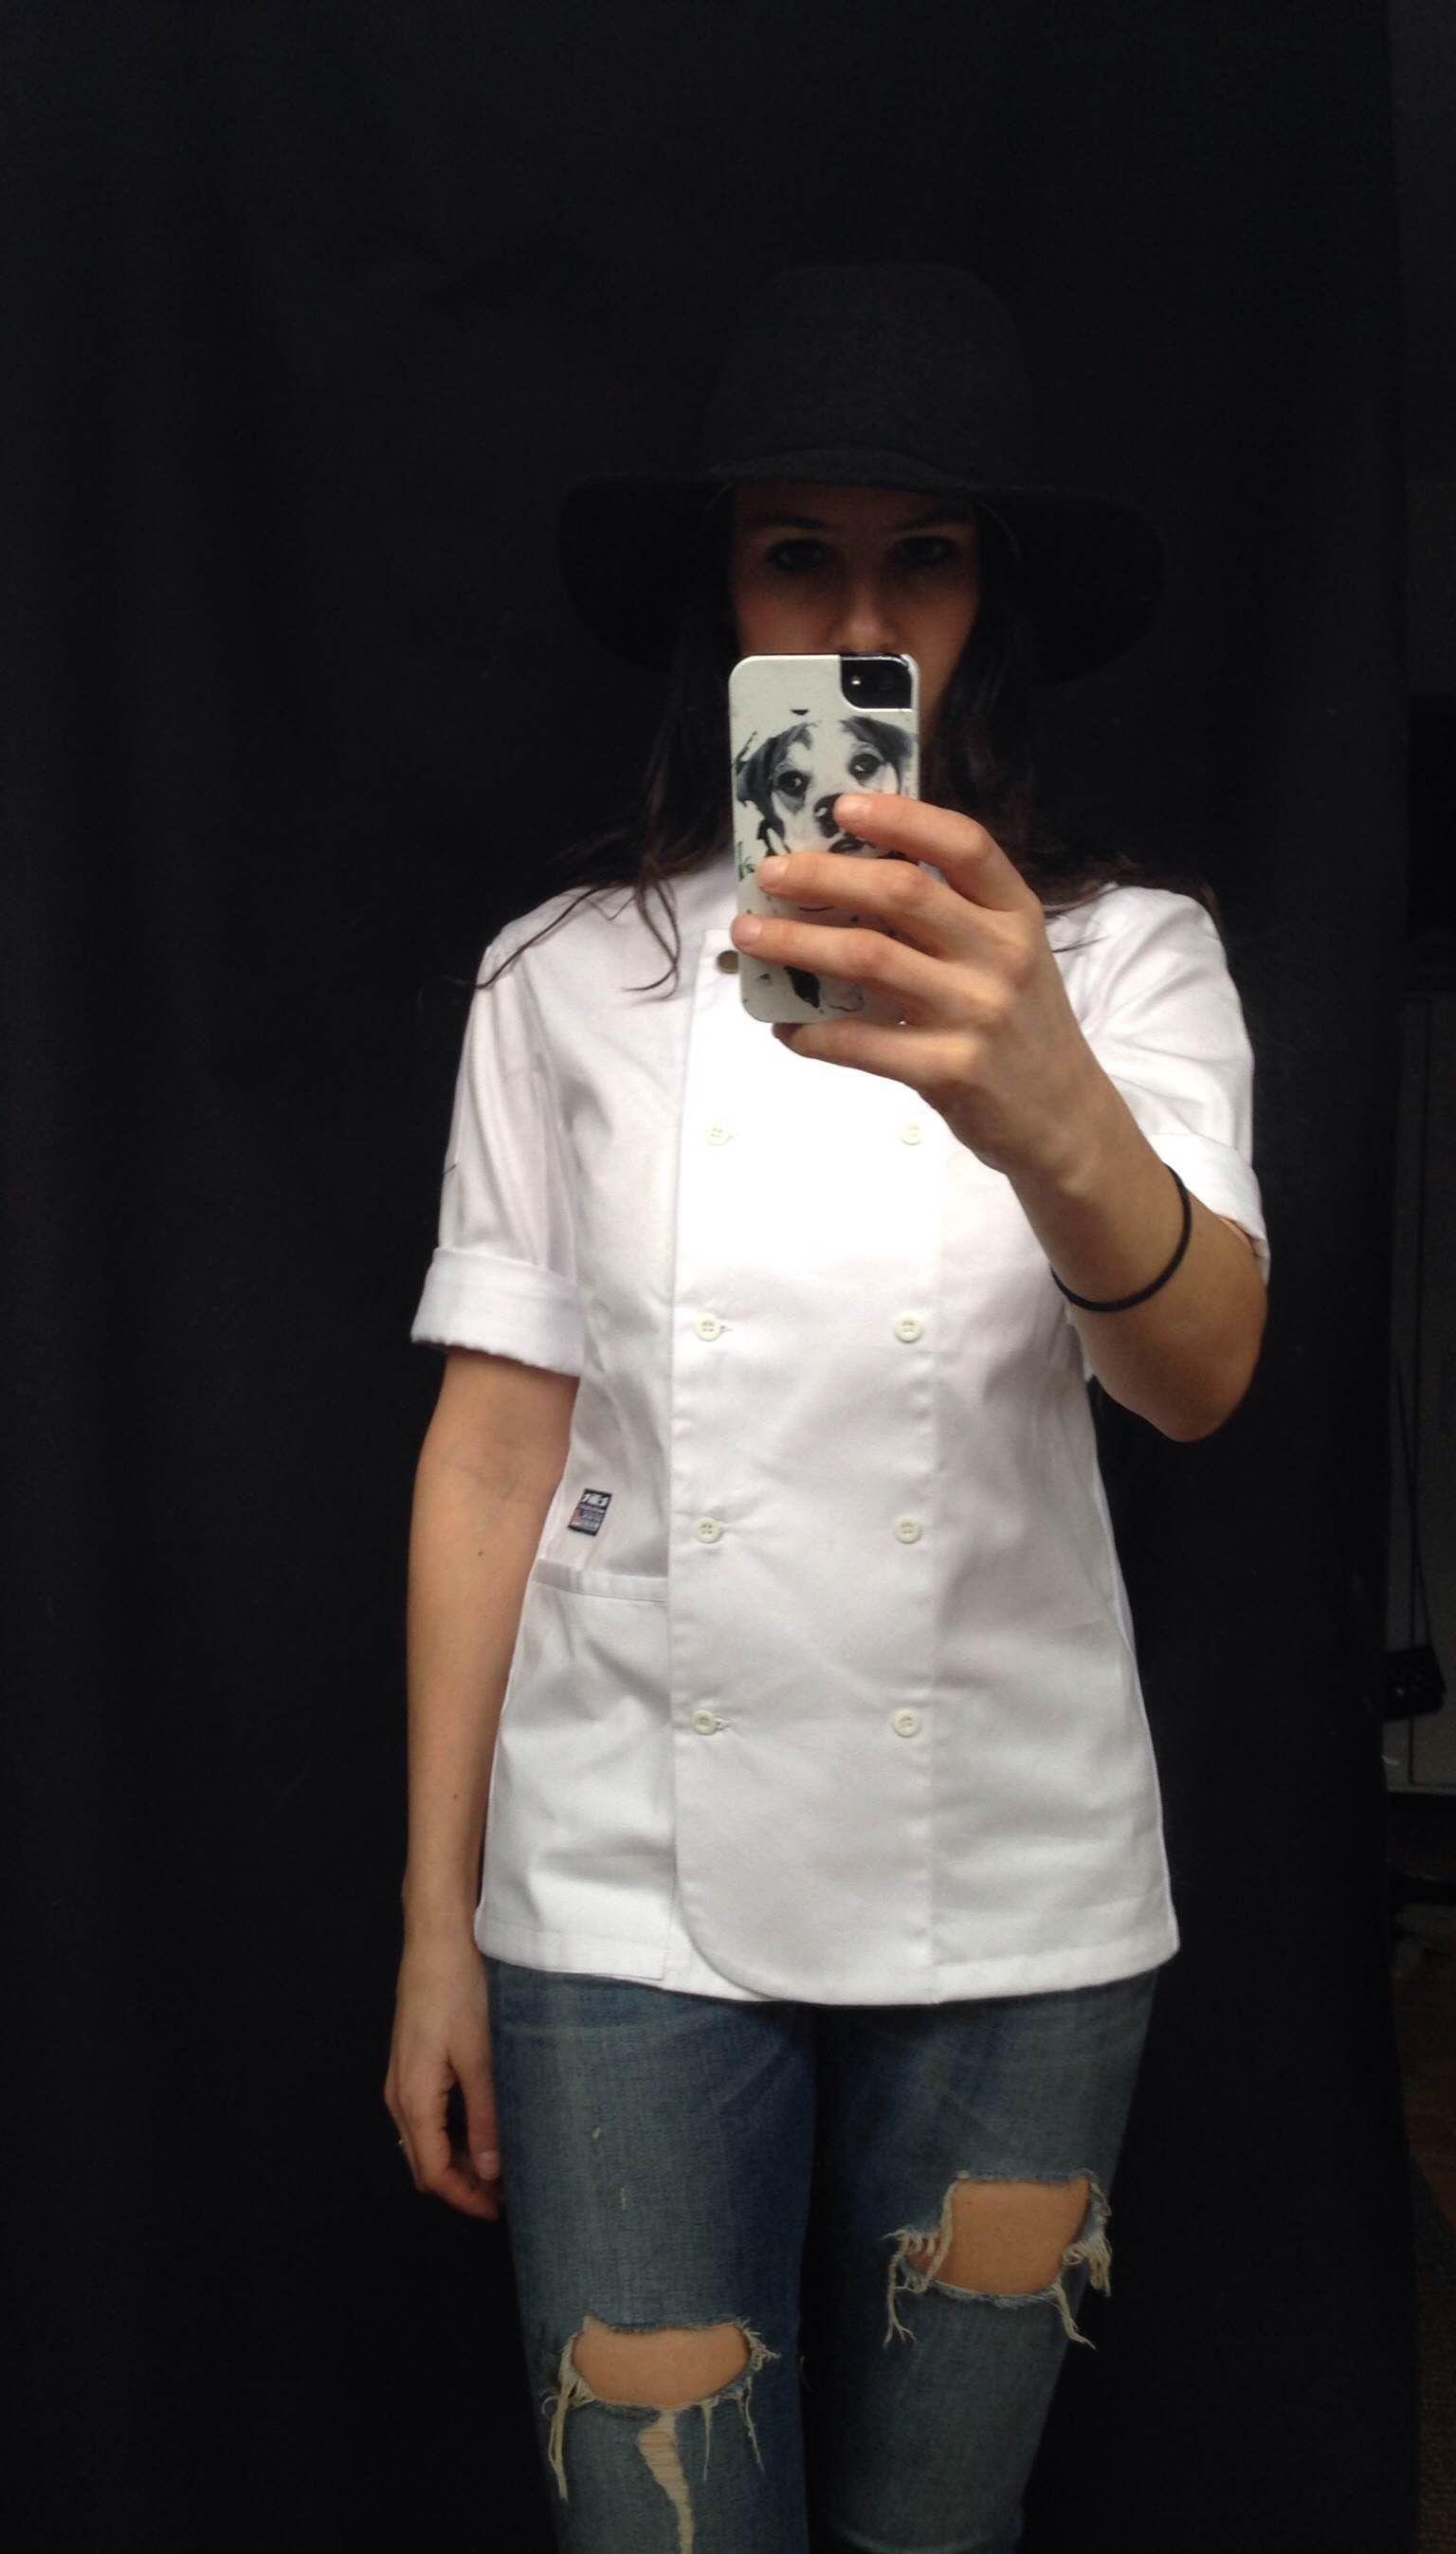 White apron for doctors online - Chef Uniforms Good Woman Chef Uniform Women Chef Coats Women S Dolma Professional Kitchen Aprons Bones Heads